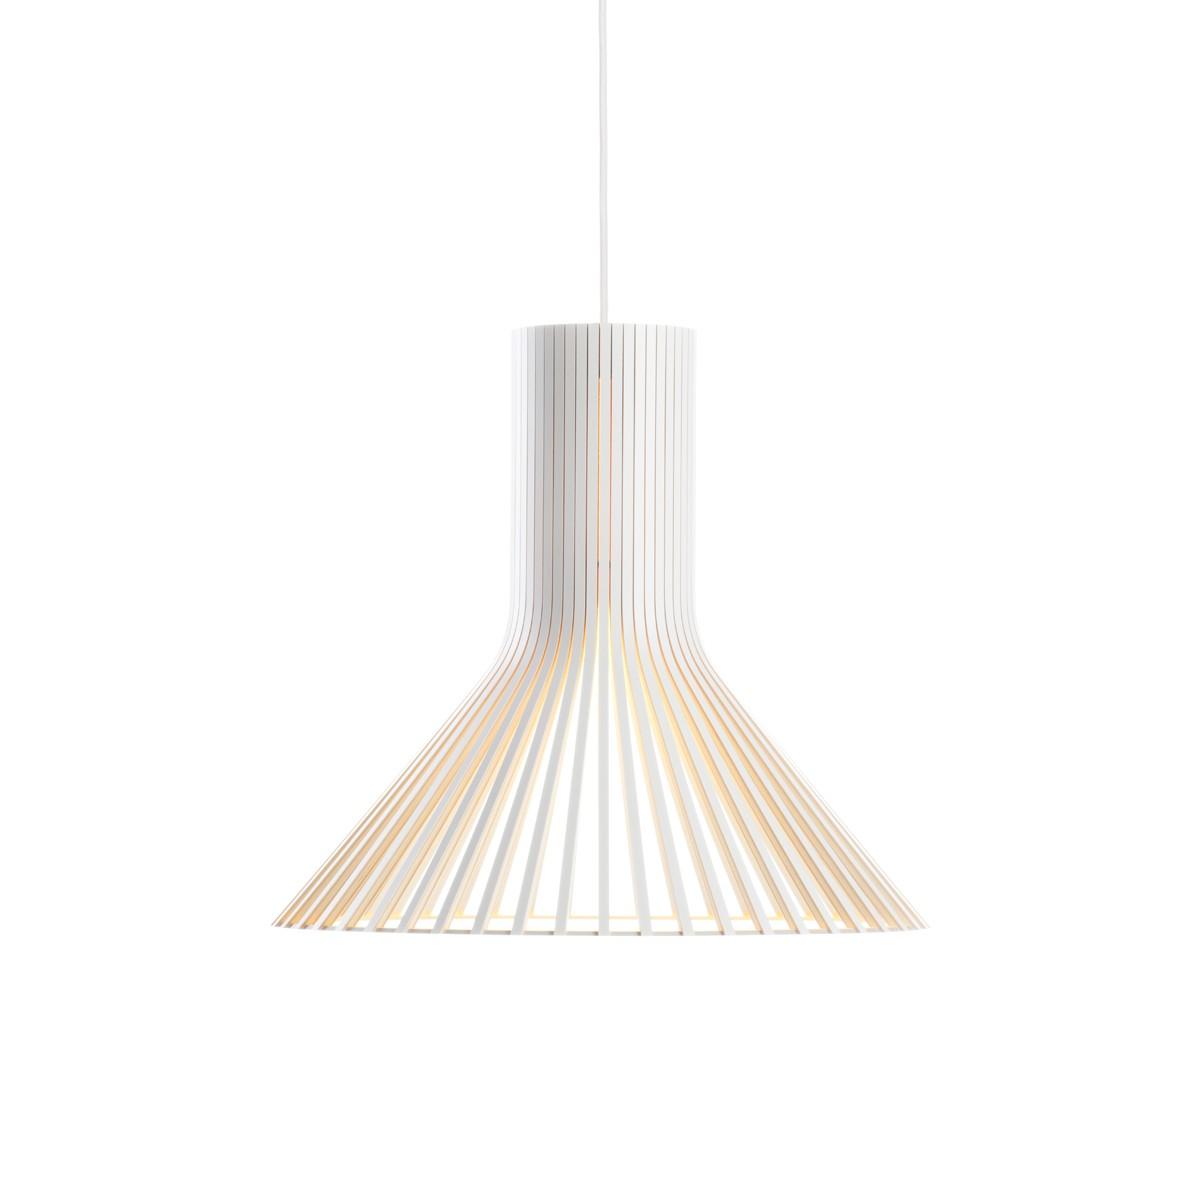 Secto Design Puncto 4203 Pendelleuchte, weiß laminiert, Kabel: weiß